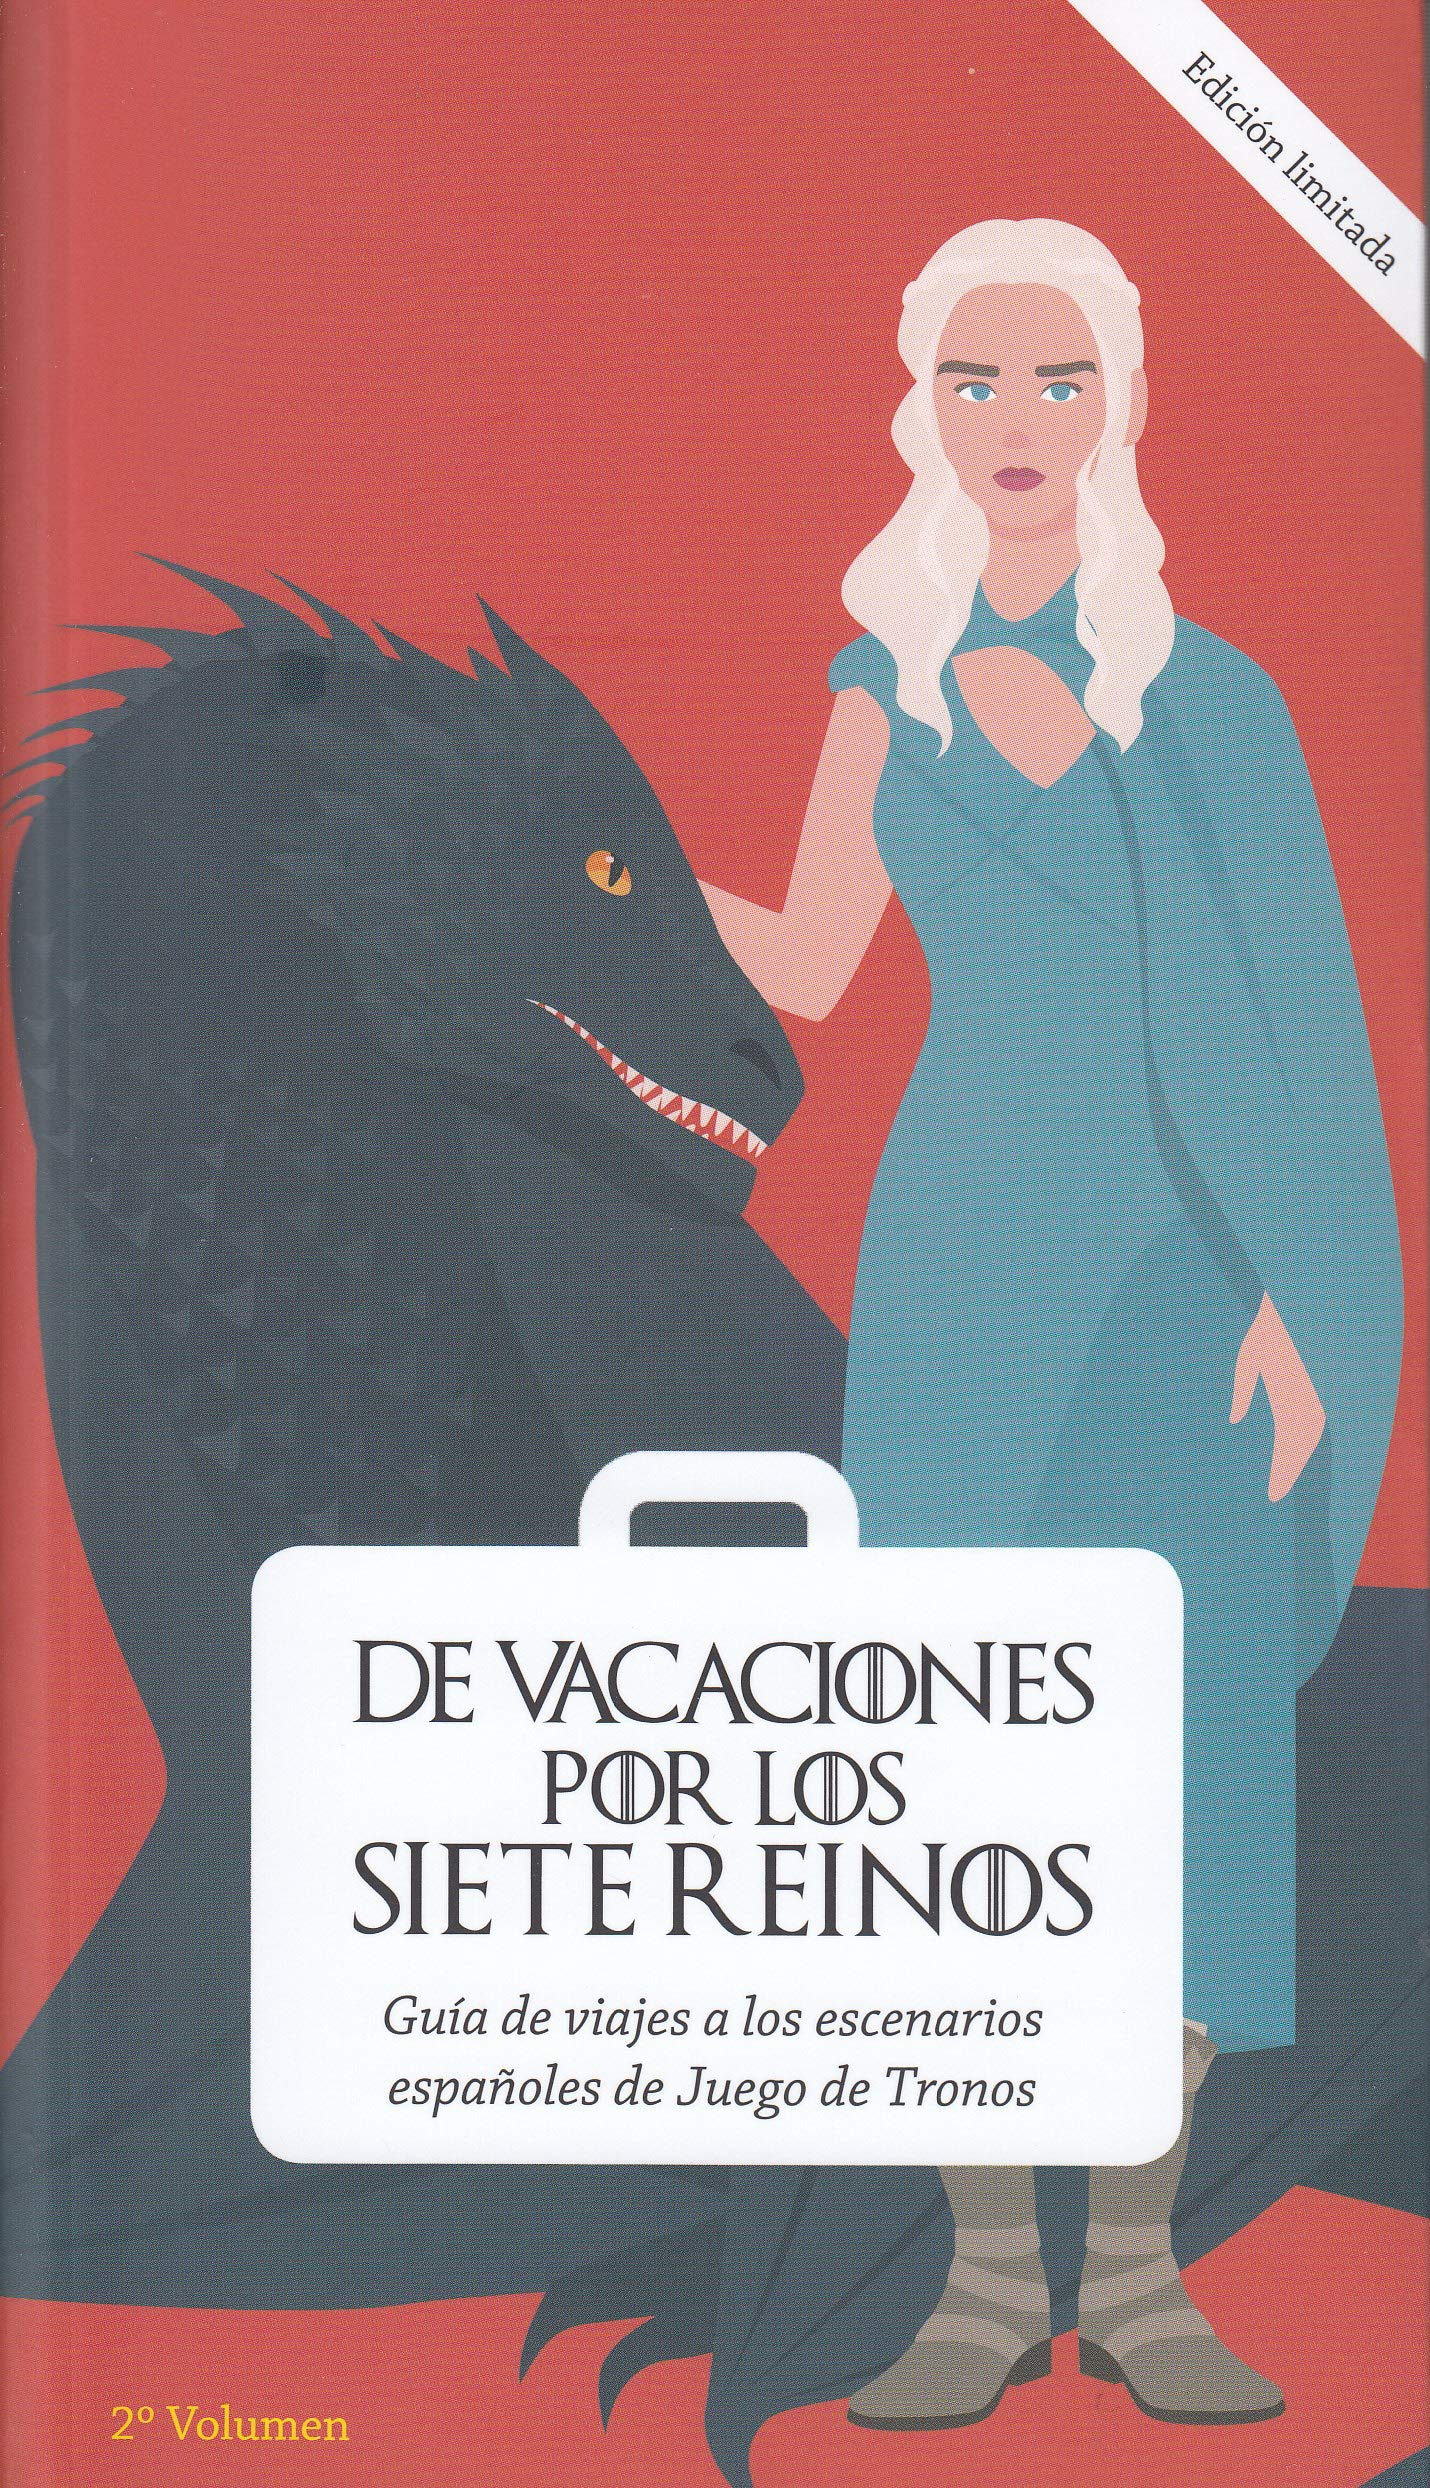 De vacaciones por los Siete Reinos. Volumen 2: Guía de viajes a los escenarios españoles de Juego de Tronos: Amazon.es: Palau Rodríguez, Jaume: Libros